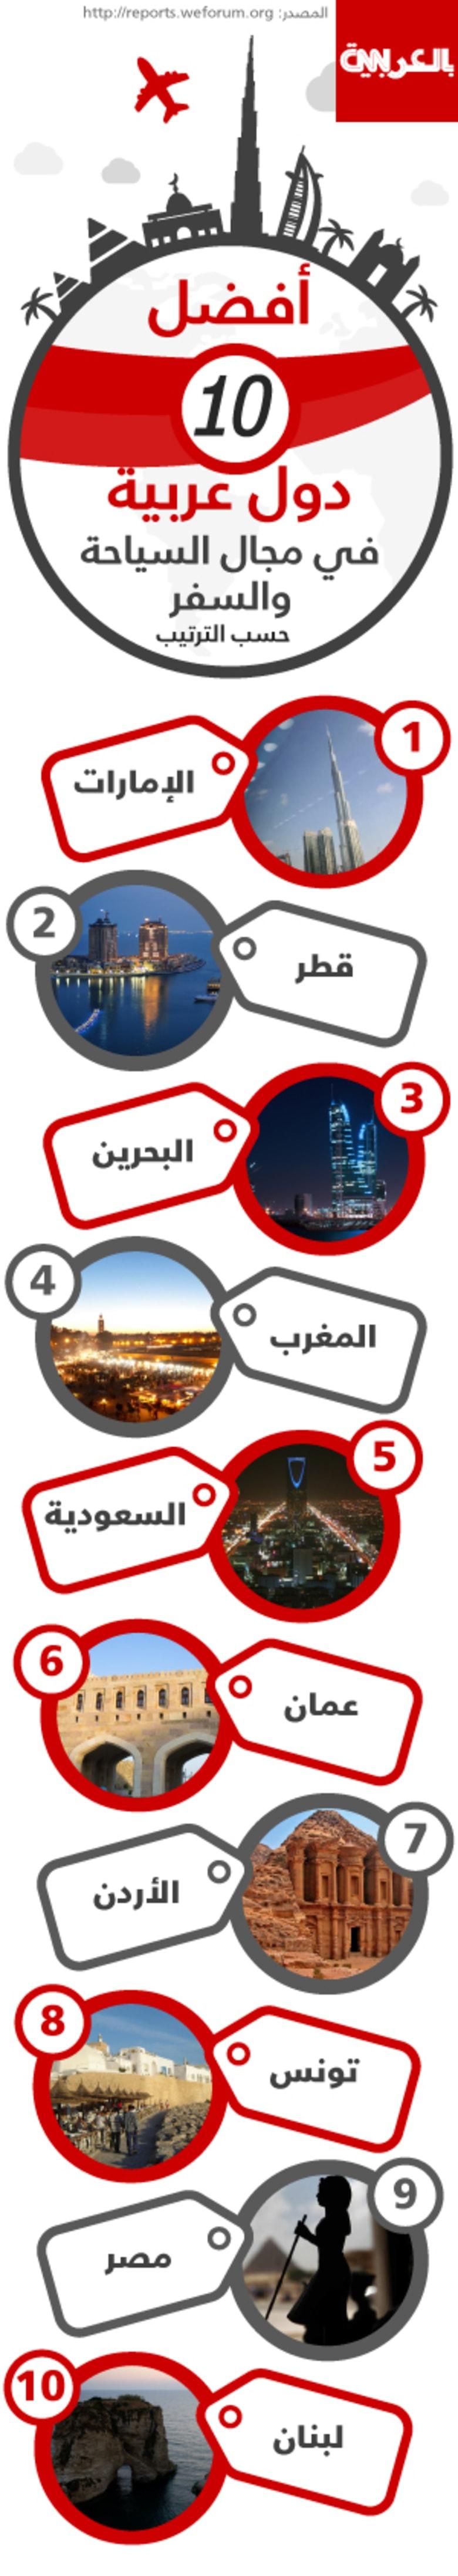 ما هي أفضل البلدان العربية التنافسية في سوق سياحة والسفر؟